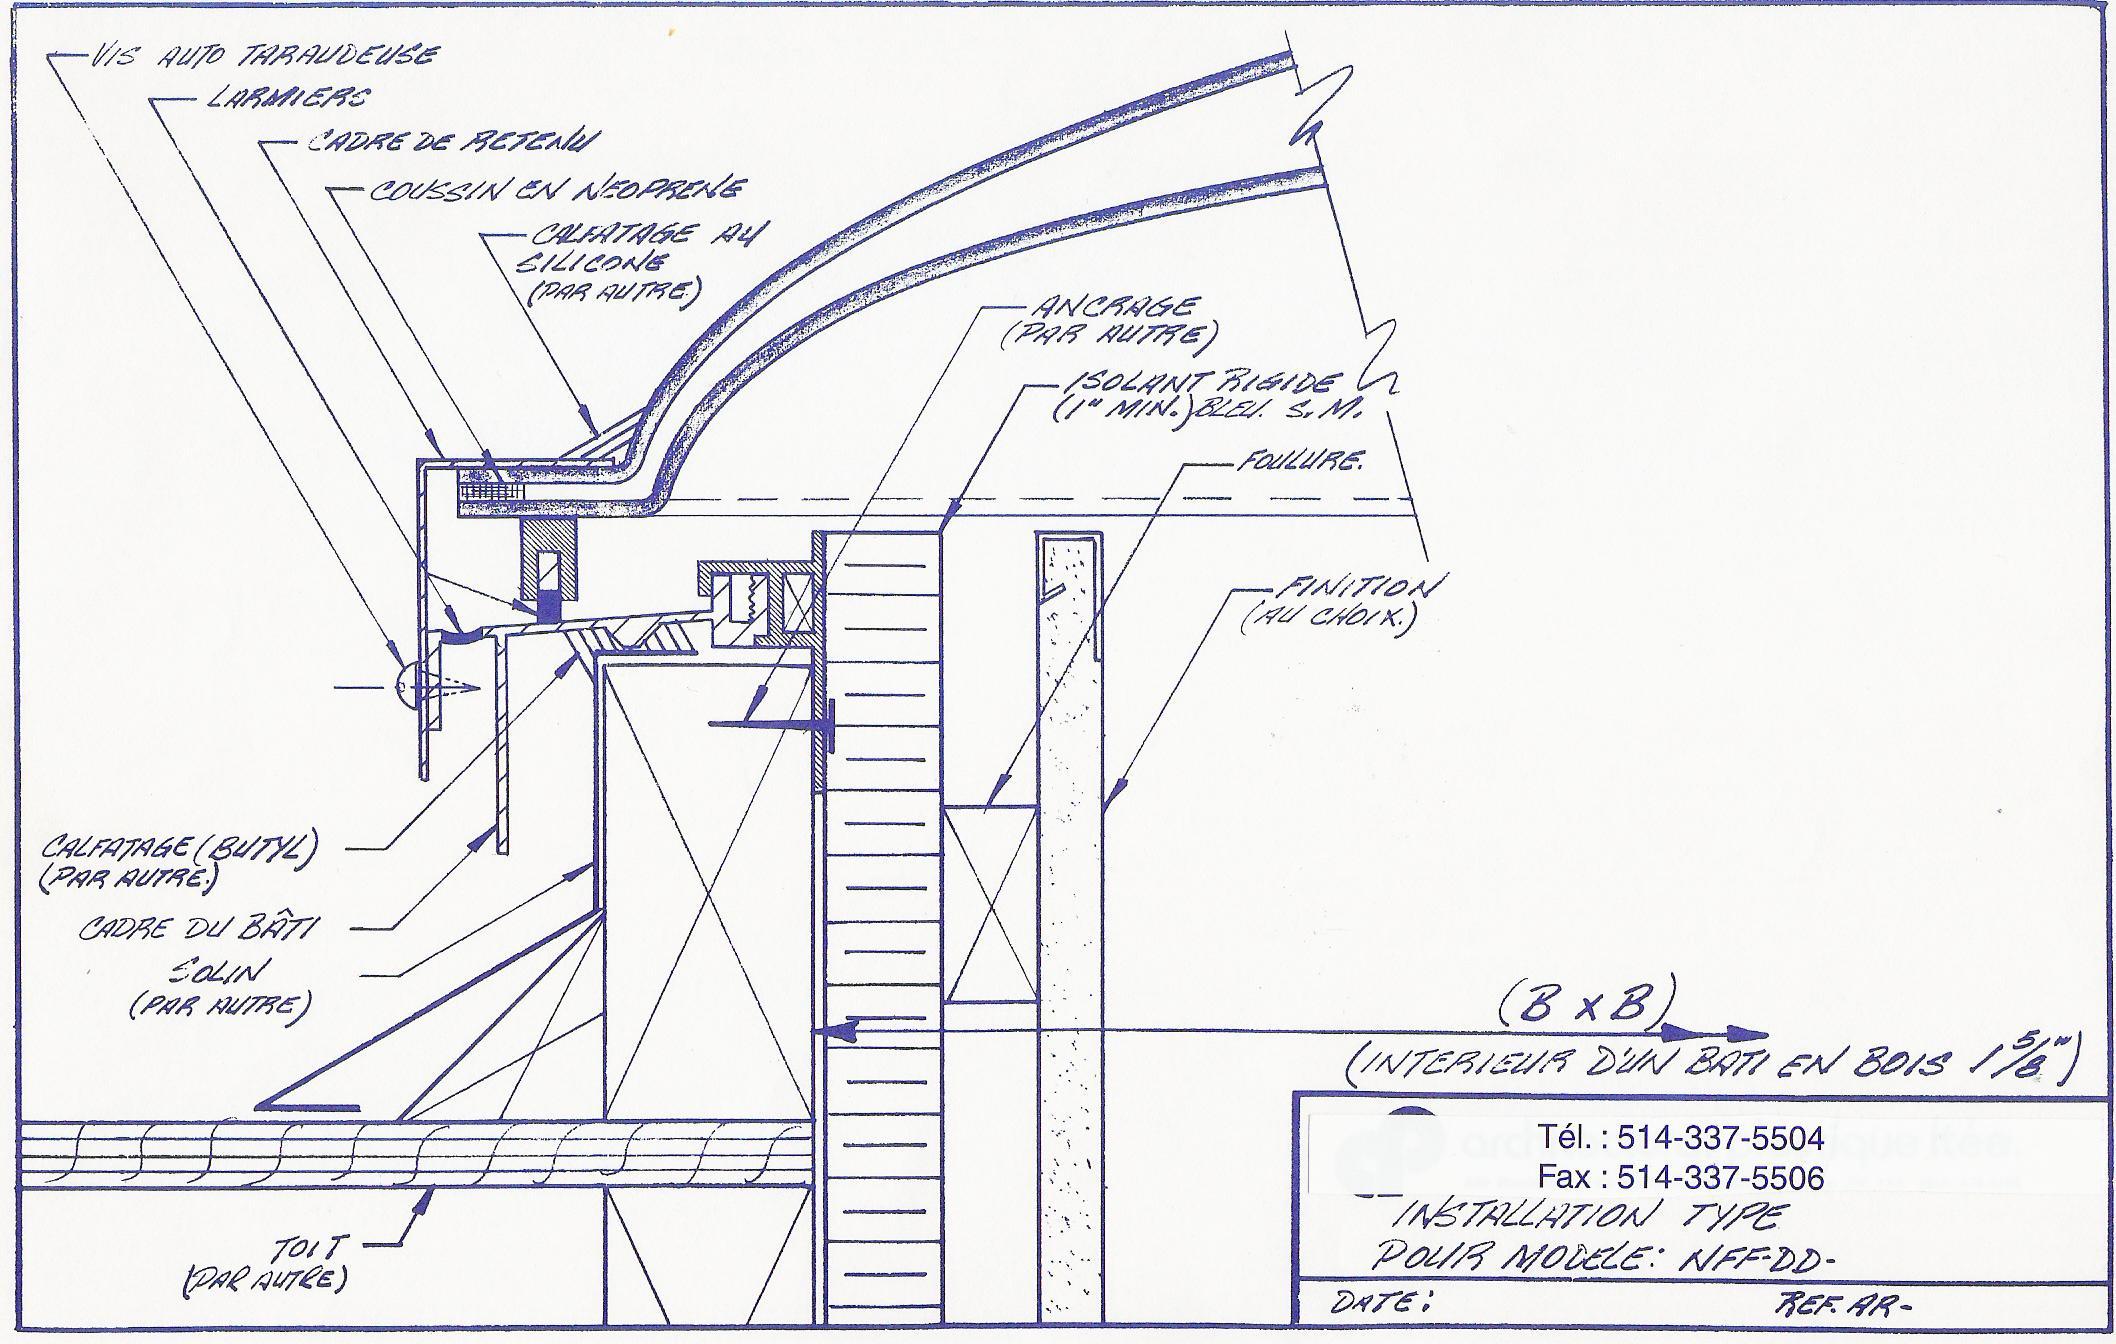 Diagramme de lanterneau avec cadre en aluminium NFFCMDDCC